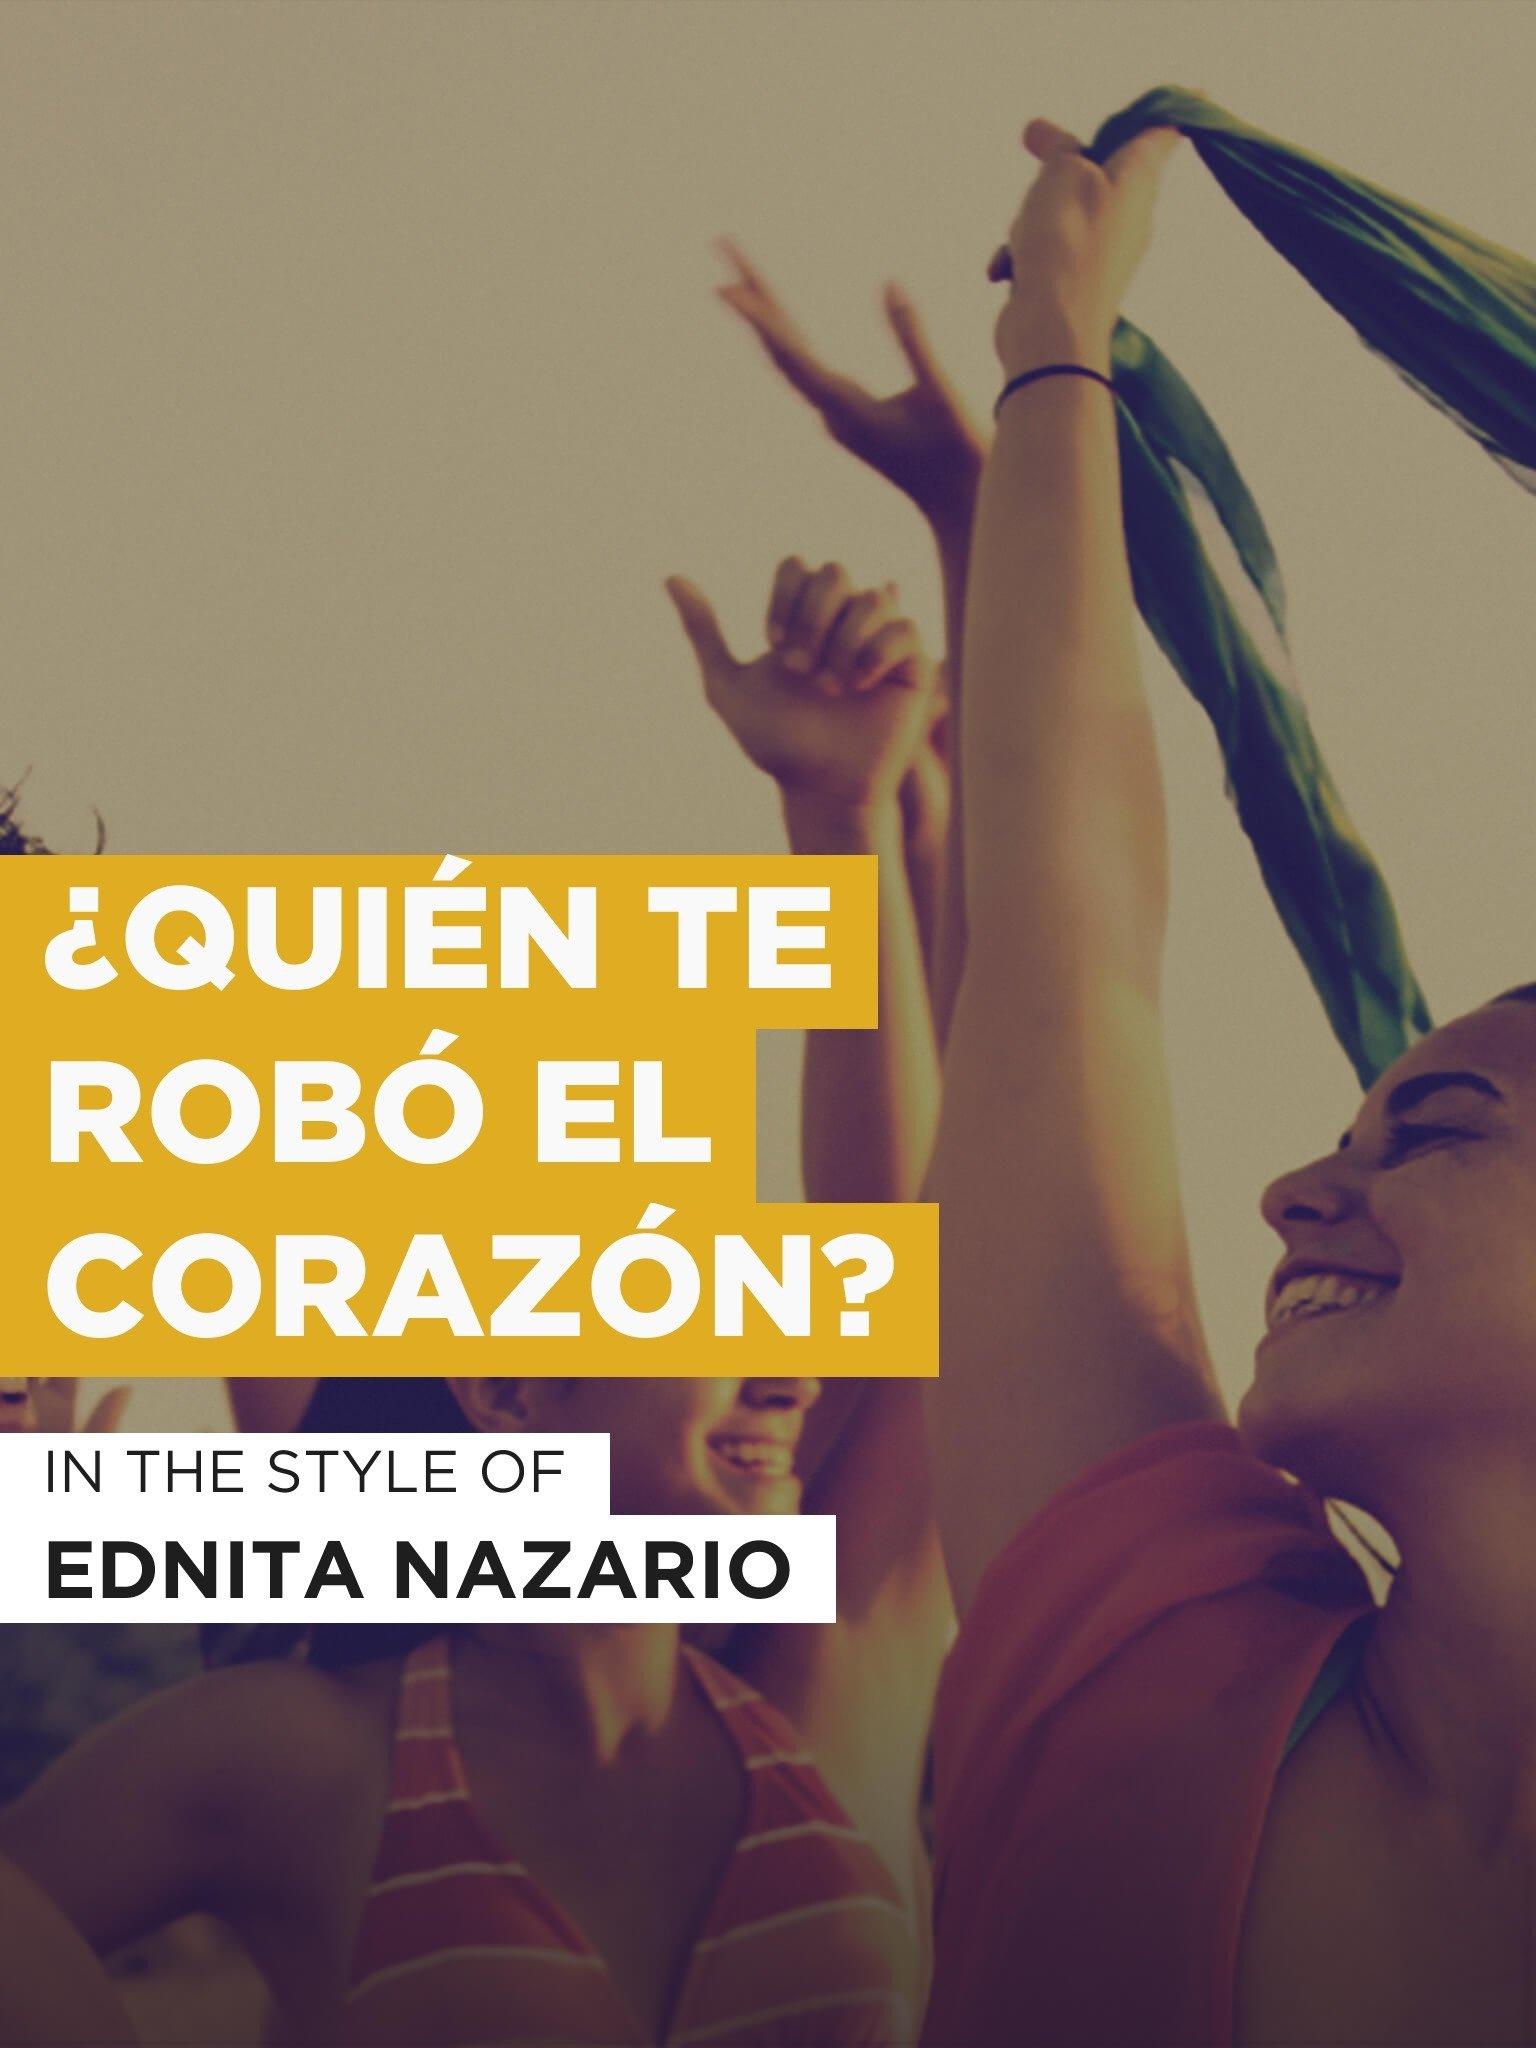 Amazon.com: ¿Quién Te Robó El Corazón?: Ednita Nazario, Not ...